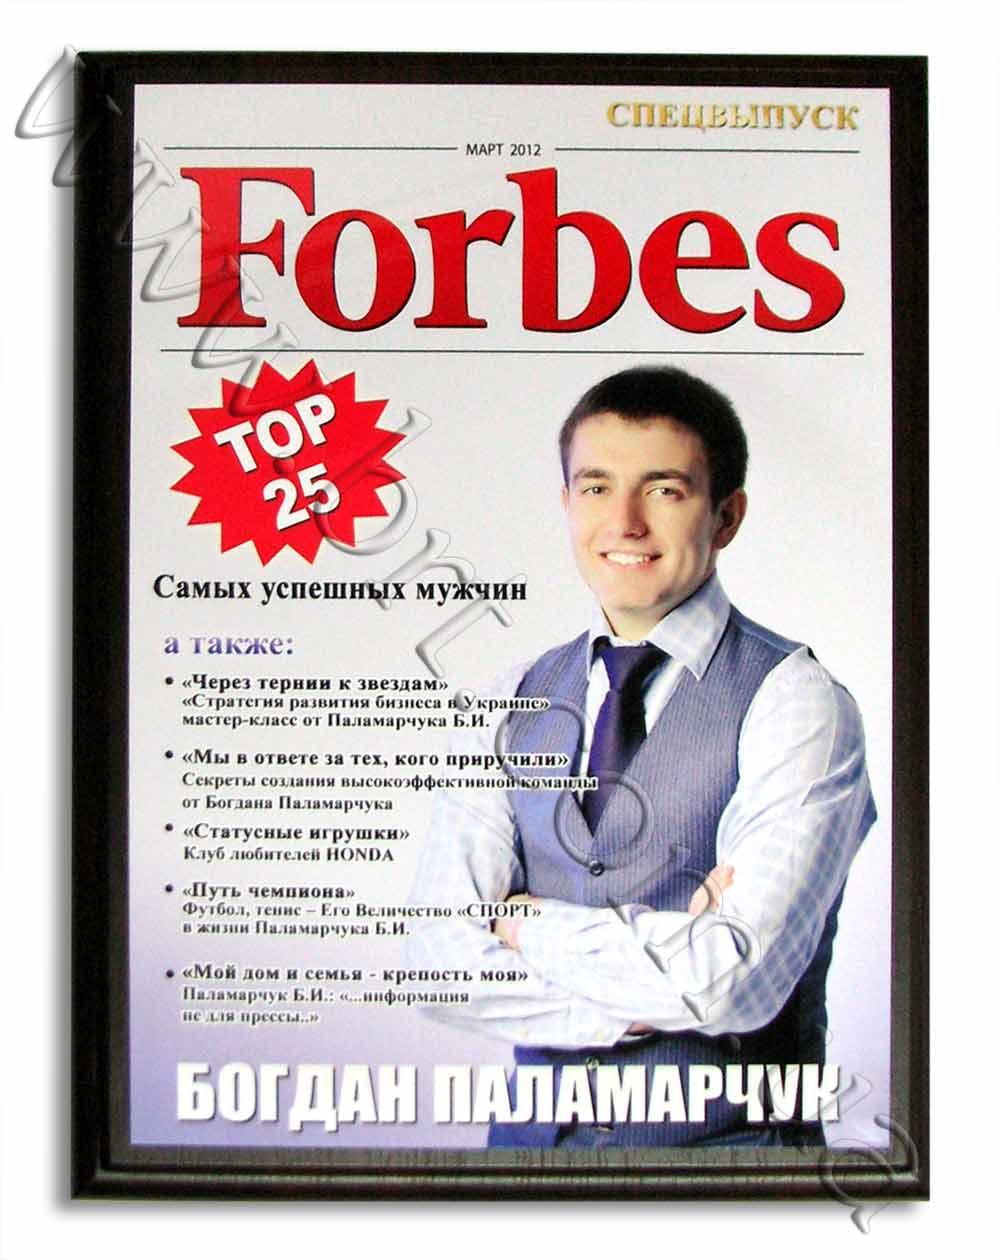 Прикольные дипломы шуточные дипломы Бюро рекламных технологий диплом настоящего мужчины · коллаж обложка журнала